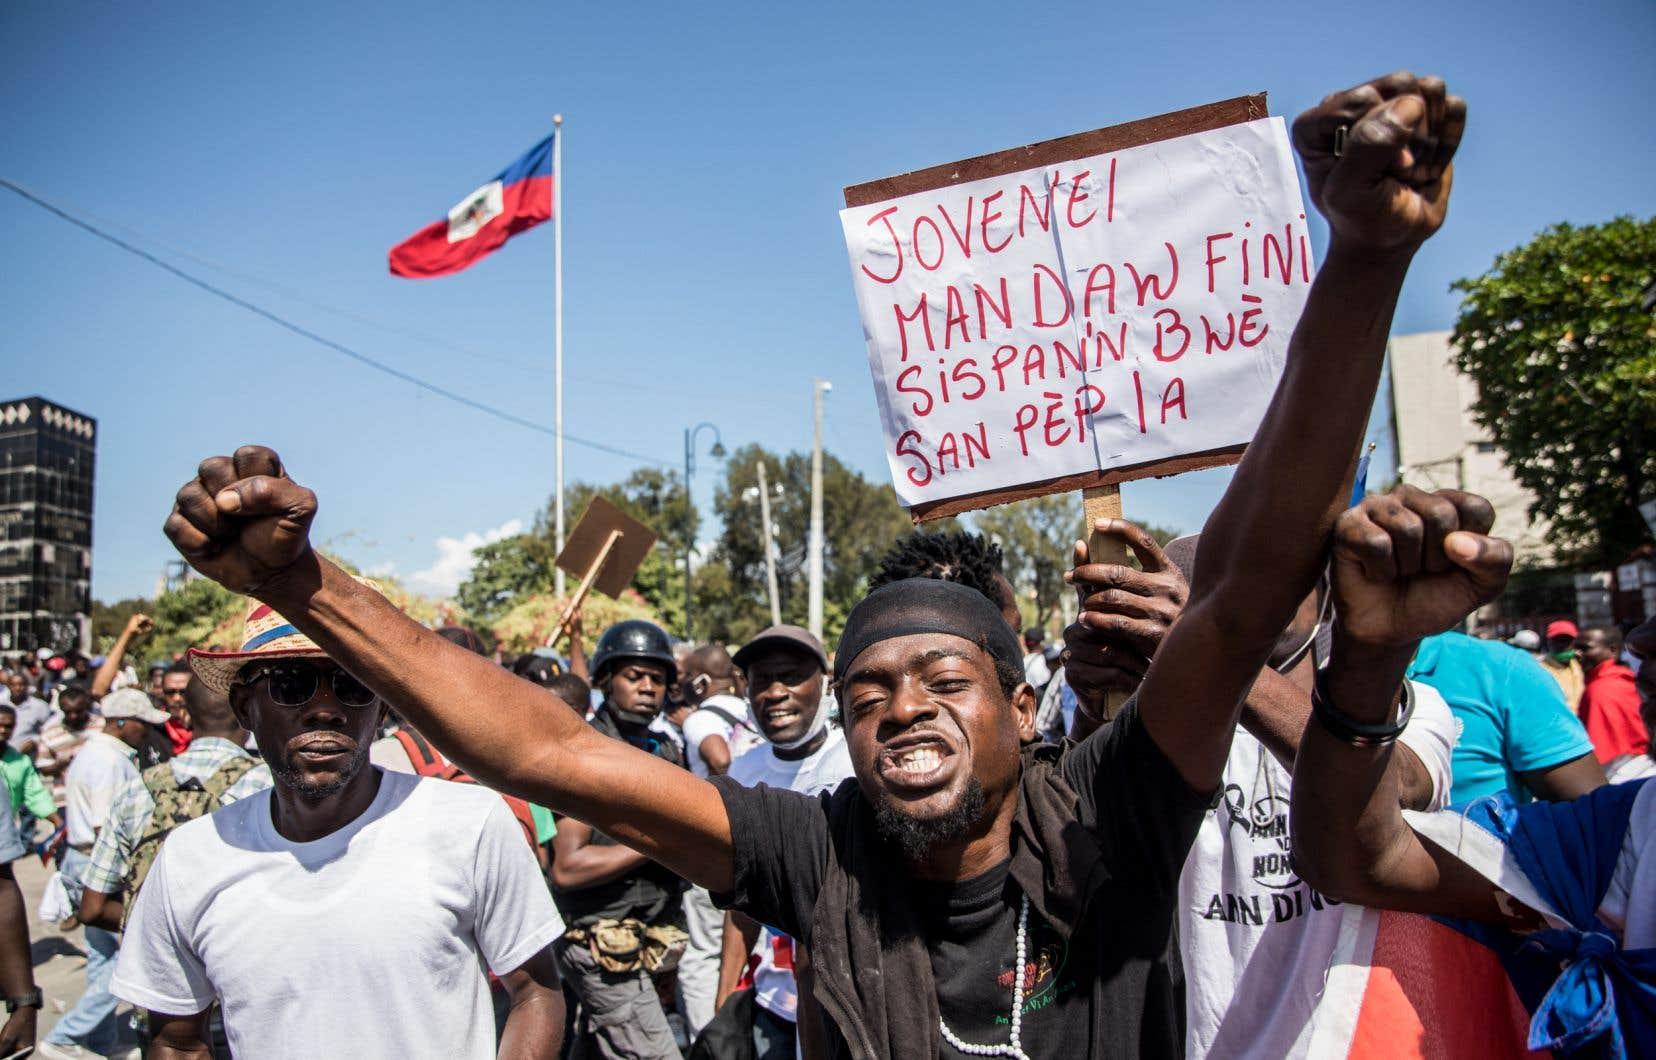 «La légitimité de Moïse a toujours été faible, et il a recueilli moins de 600 000 voix dans un pays de 11 millions d'habitants», écrit l'autrice.